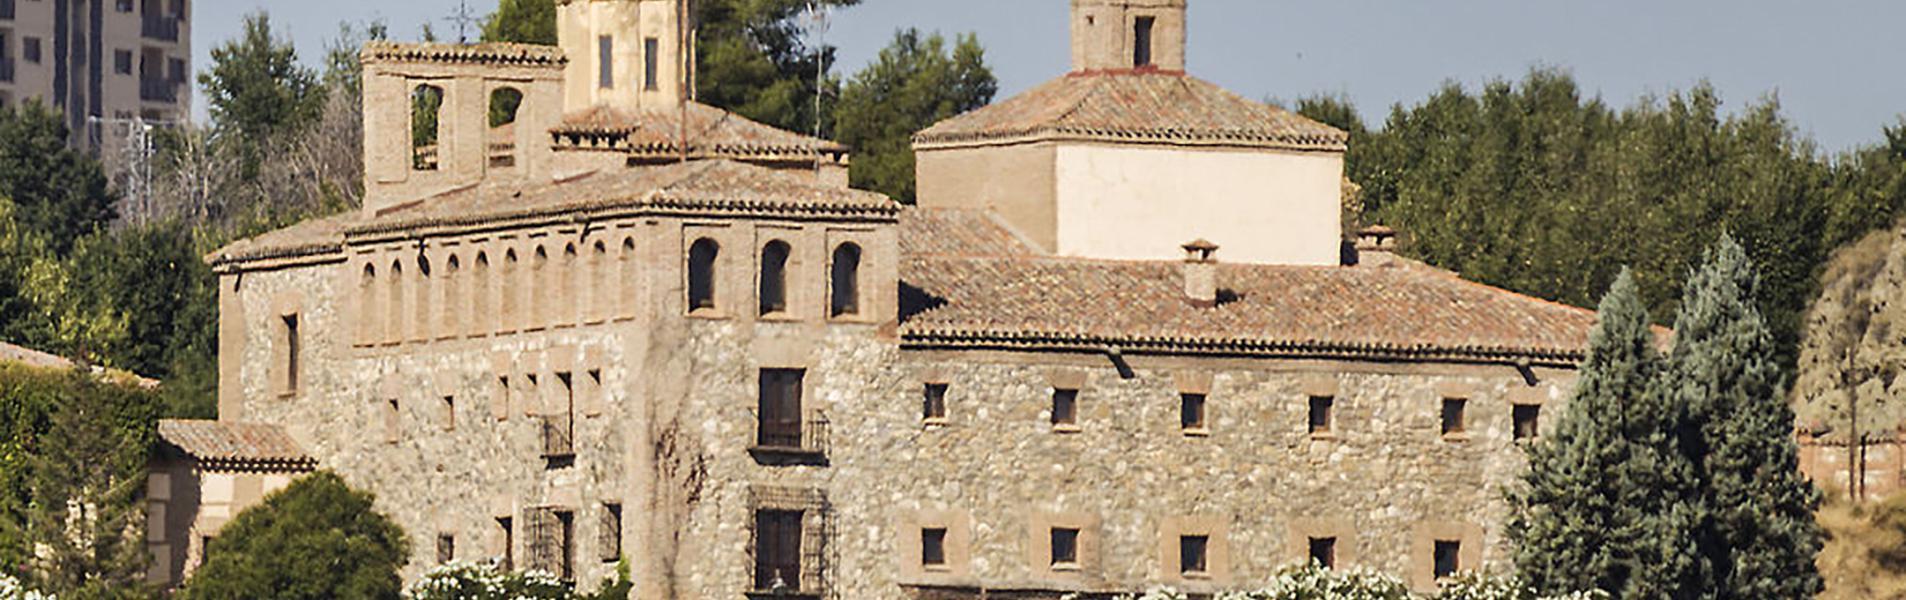 Palacio-convento del Cristo de Rivas